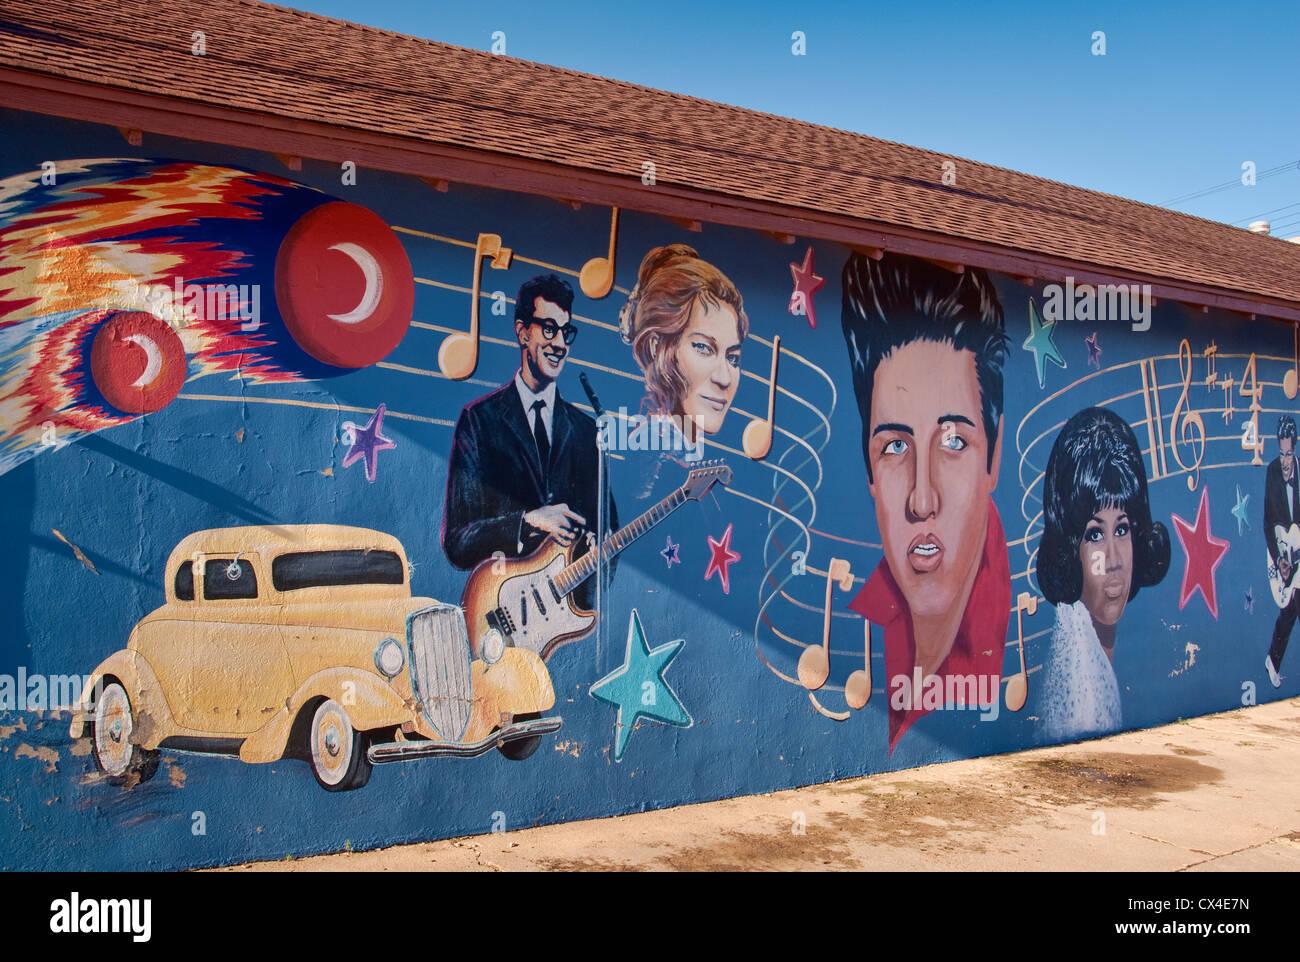 Elvis Presley e Buddy Holly, Aretha Franklin e altri anni cinquanta il rock'n'roll stelle nel murale di Clovis, Nuovo Messico, STATI UNITI D'AMERICA Foto Stock